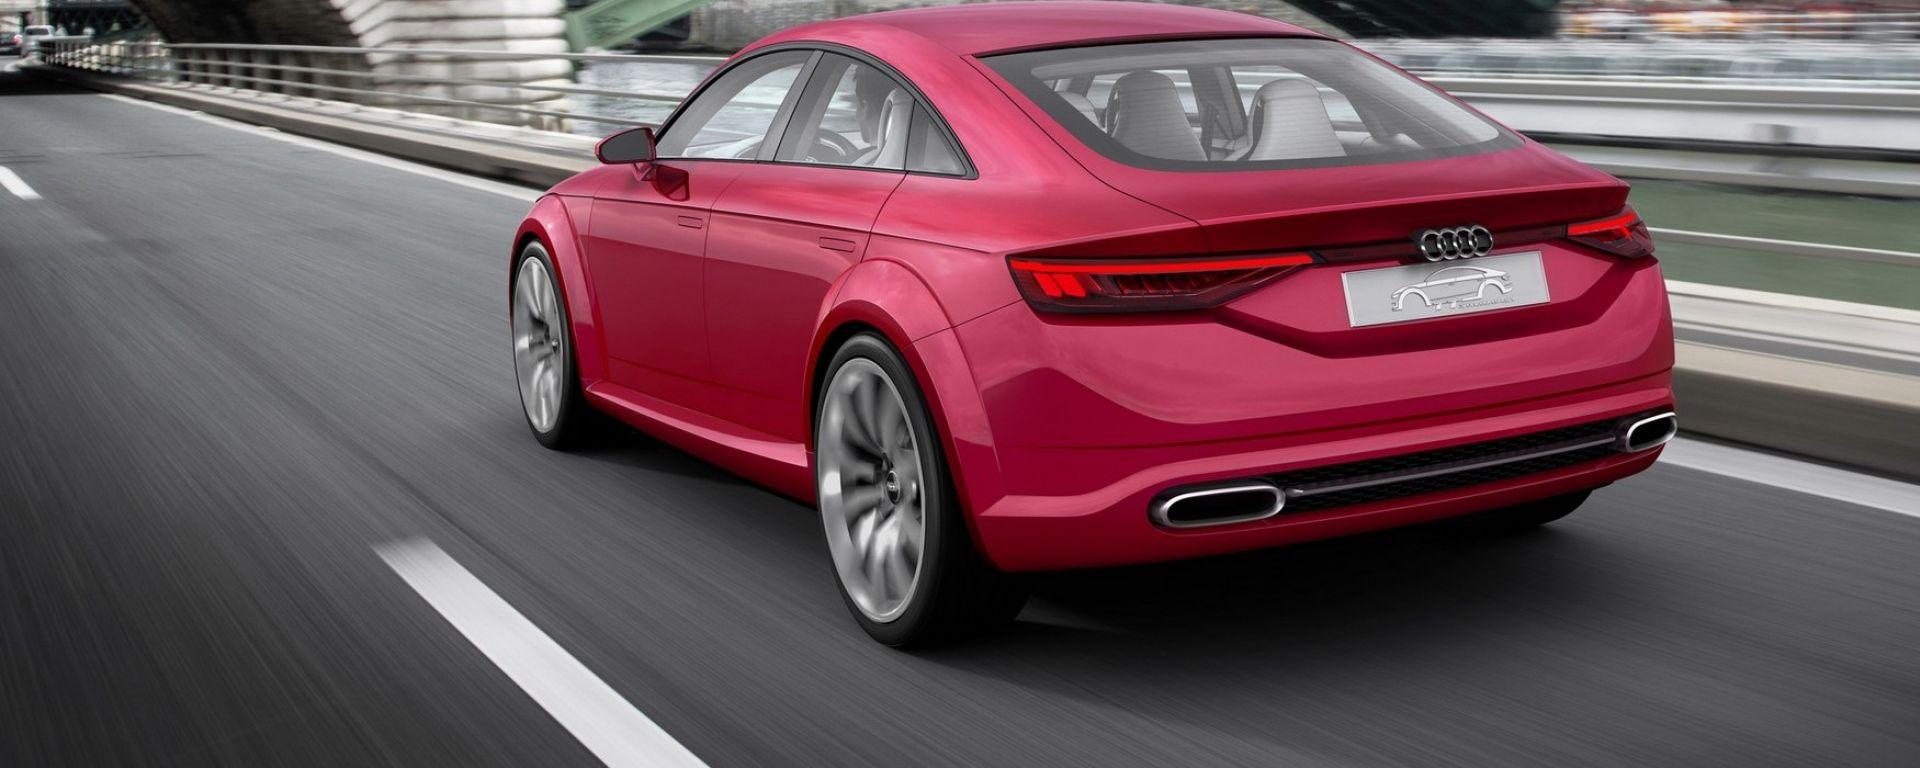 Nuova Audi TT, sarà un coupé a 4 porte